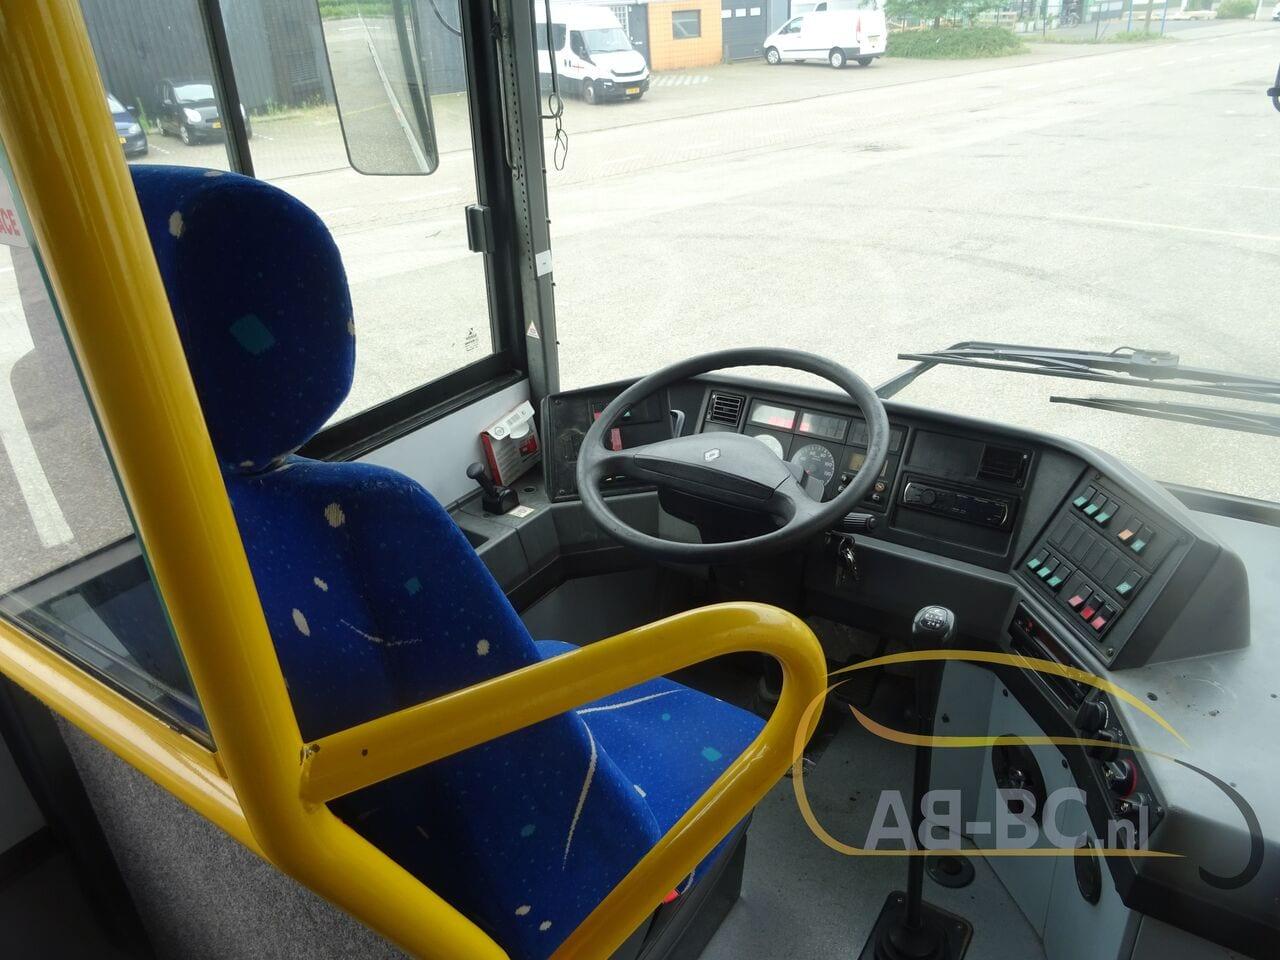 interurban-busIVECO-Irisbus-Recreo-64-Seats---1626160231972003785_big_6917ddf5c6674e586780e816cbdca529--21071309575983154500